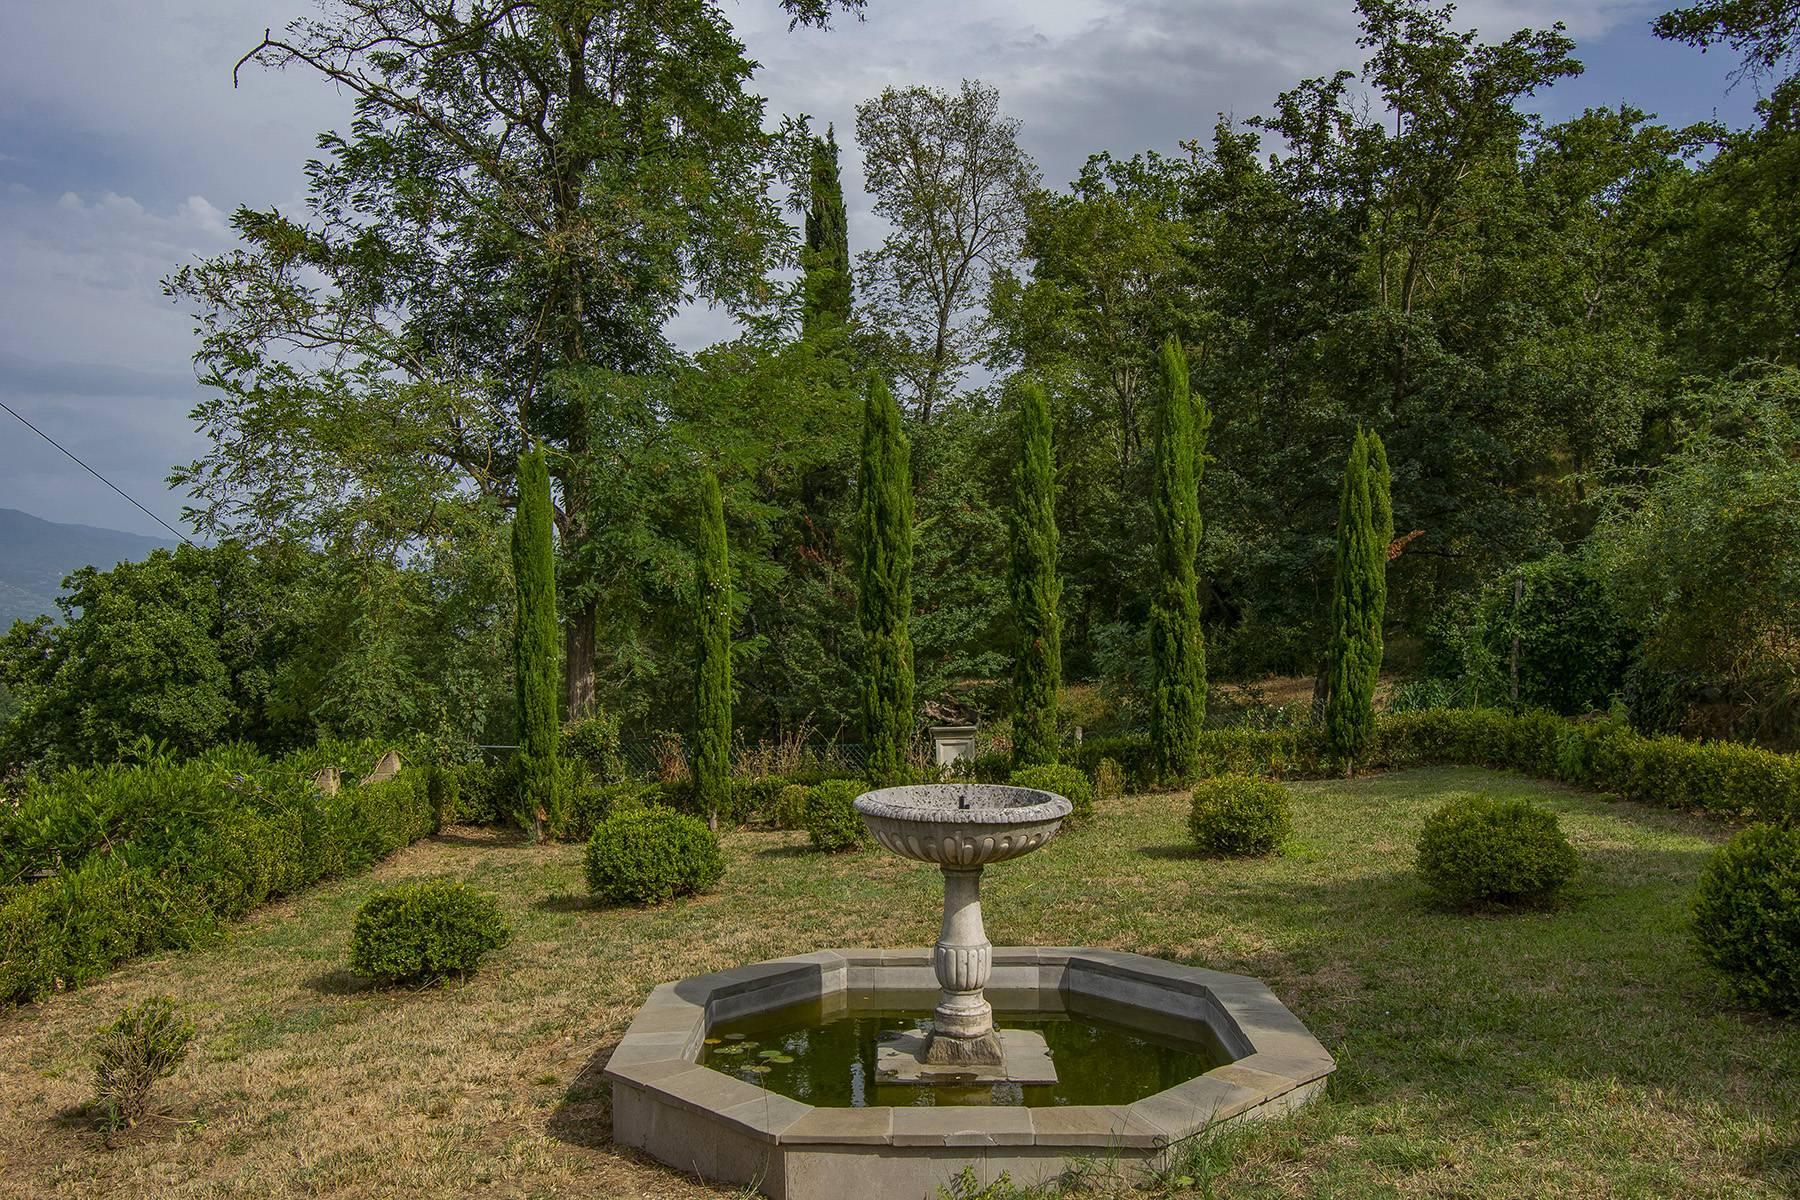 Panorama-Renaissance-Villa mit Garten im italienischen Stil - 36